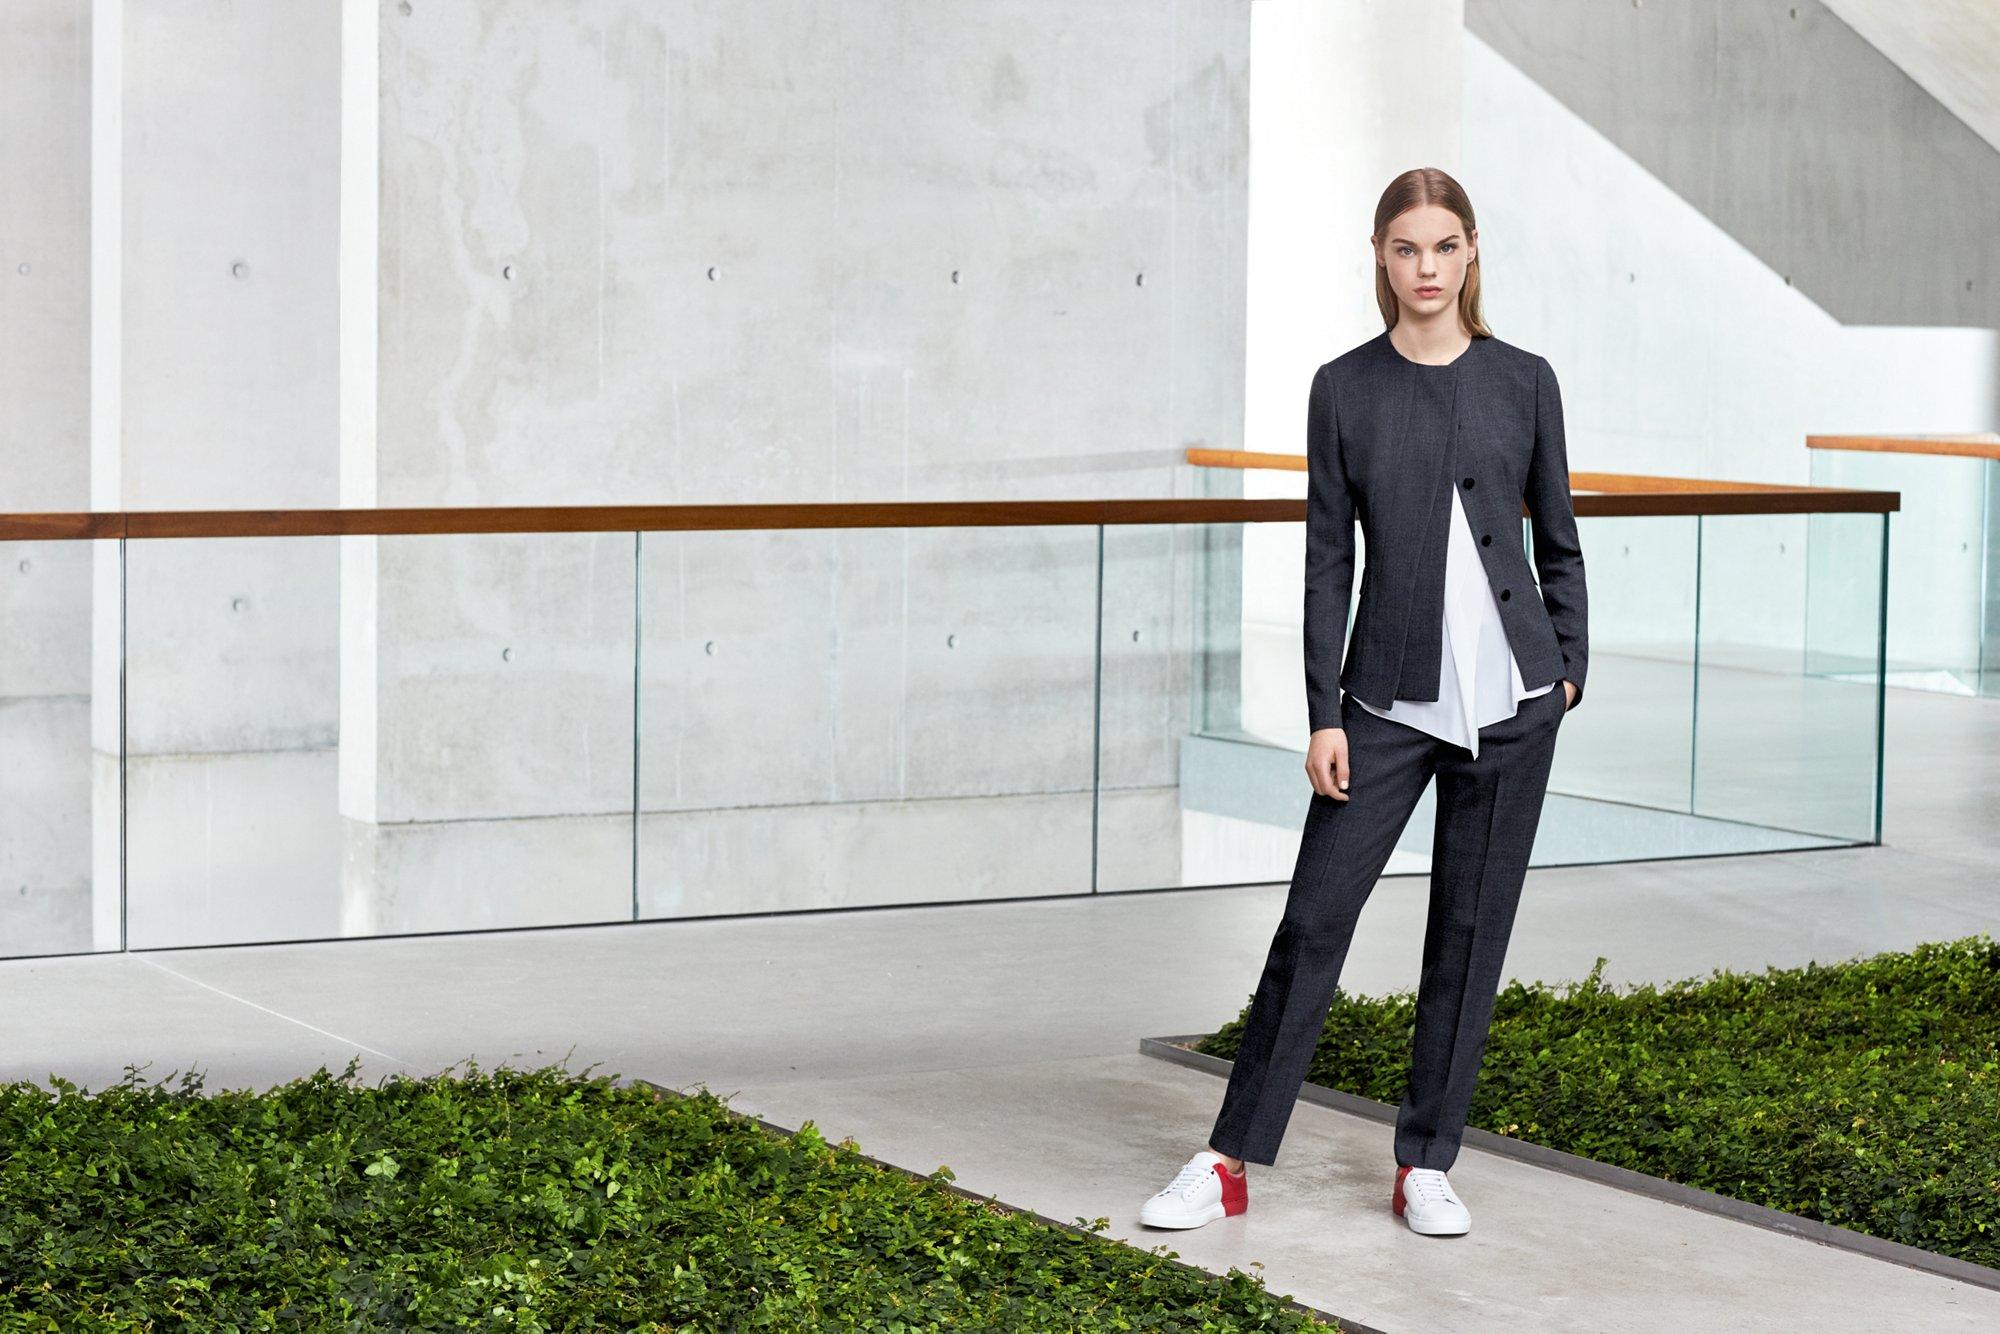 Jacke, Oberteil und Hose von BOSS Womenswear